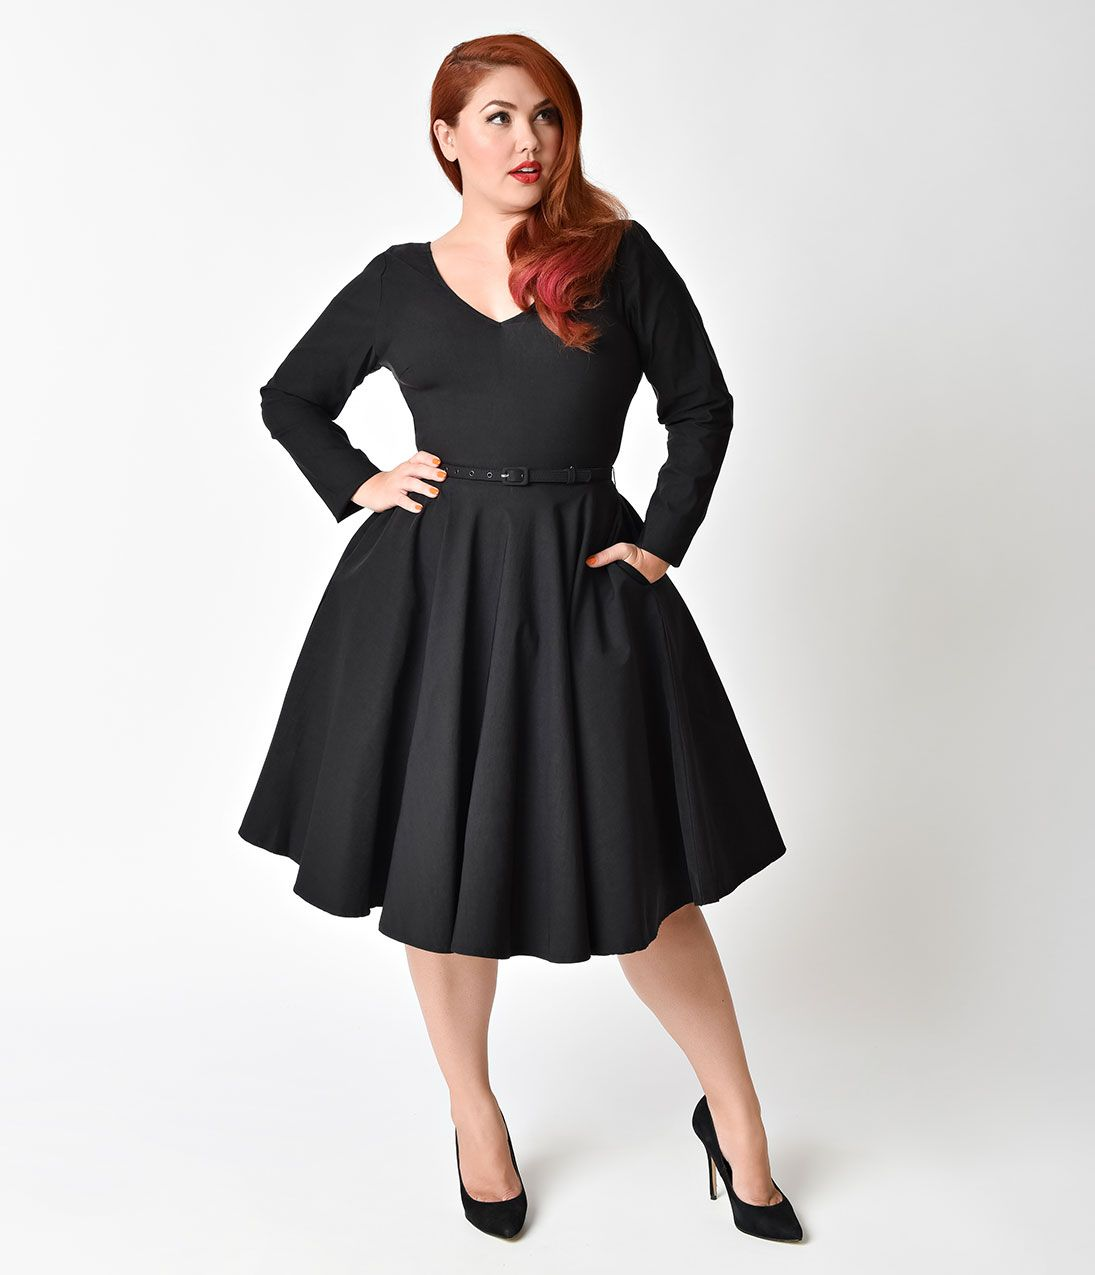 13a721d25 Plus Size Retro Dresses| Swing, Rockabilly, Pinup Dresses Unique Vintage  Plus Size 1950s Black Stretch Long Sleeve Maude Swing Dress $98.00 AT ...